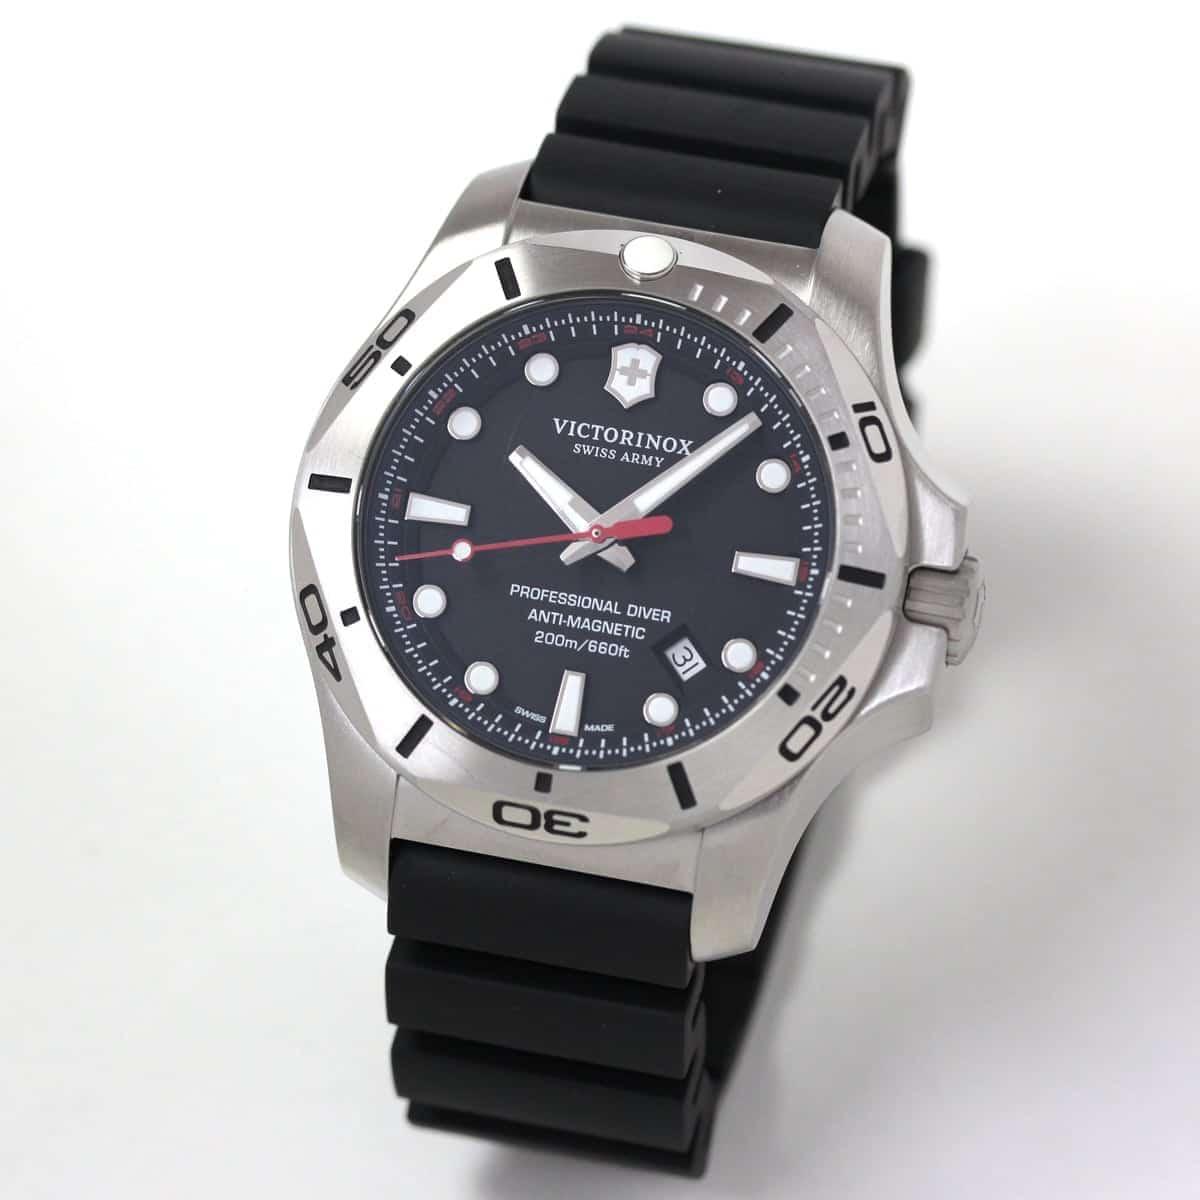 ビクトリノックススイスアーミー I.N.O.X. (イノックス) プロフェッショナルダイバー 241733 ブラック 腕時計